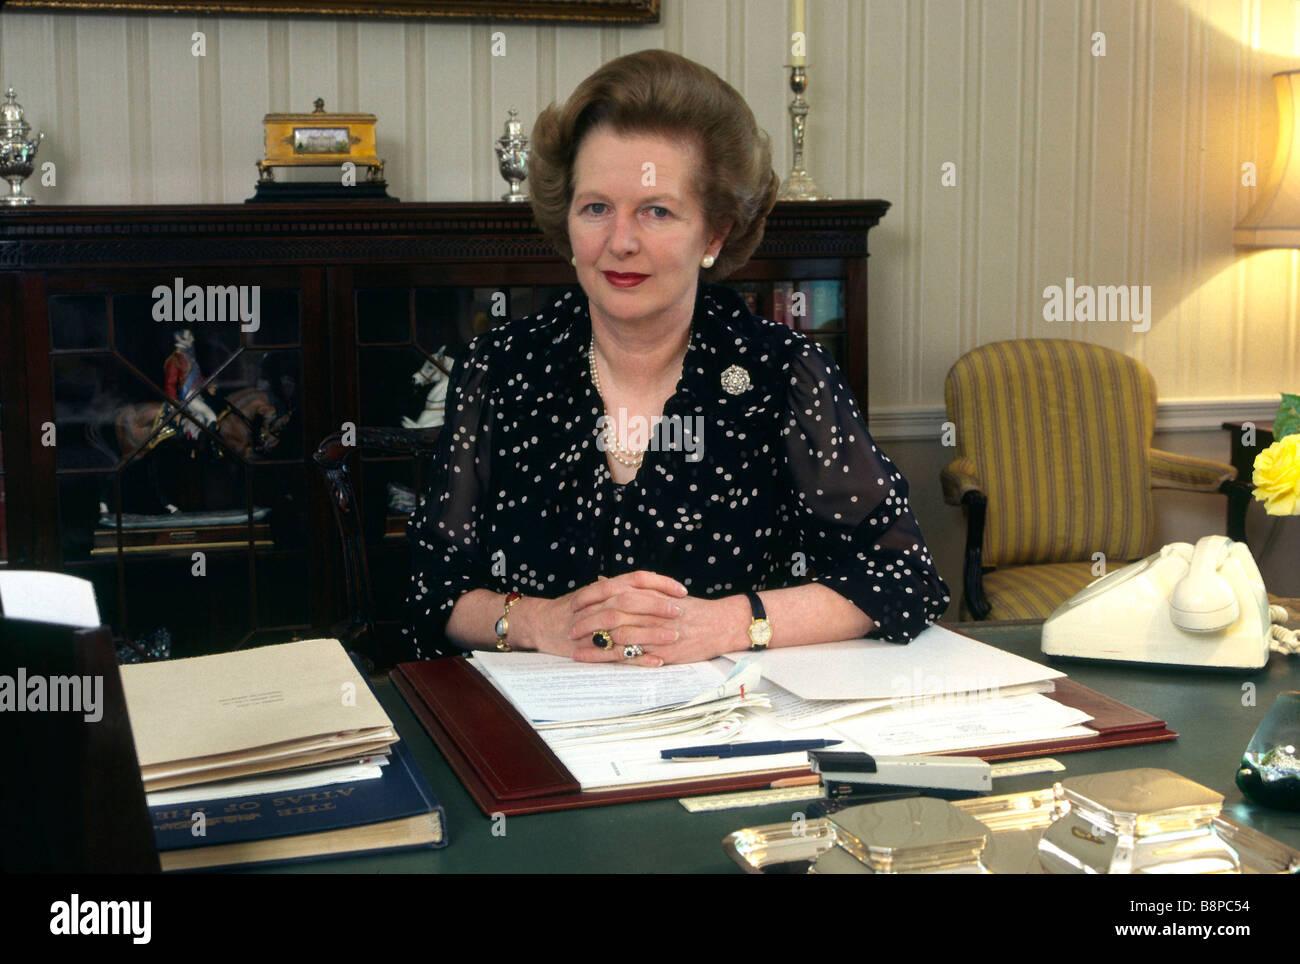 Le Premier Ministre Britannique Margaret Thatcher Session Privee A Son Bureau Au 10 Downing Street 1980 Londres Angleterre Royaume Uni Photo Stock Alamy